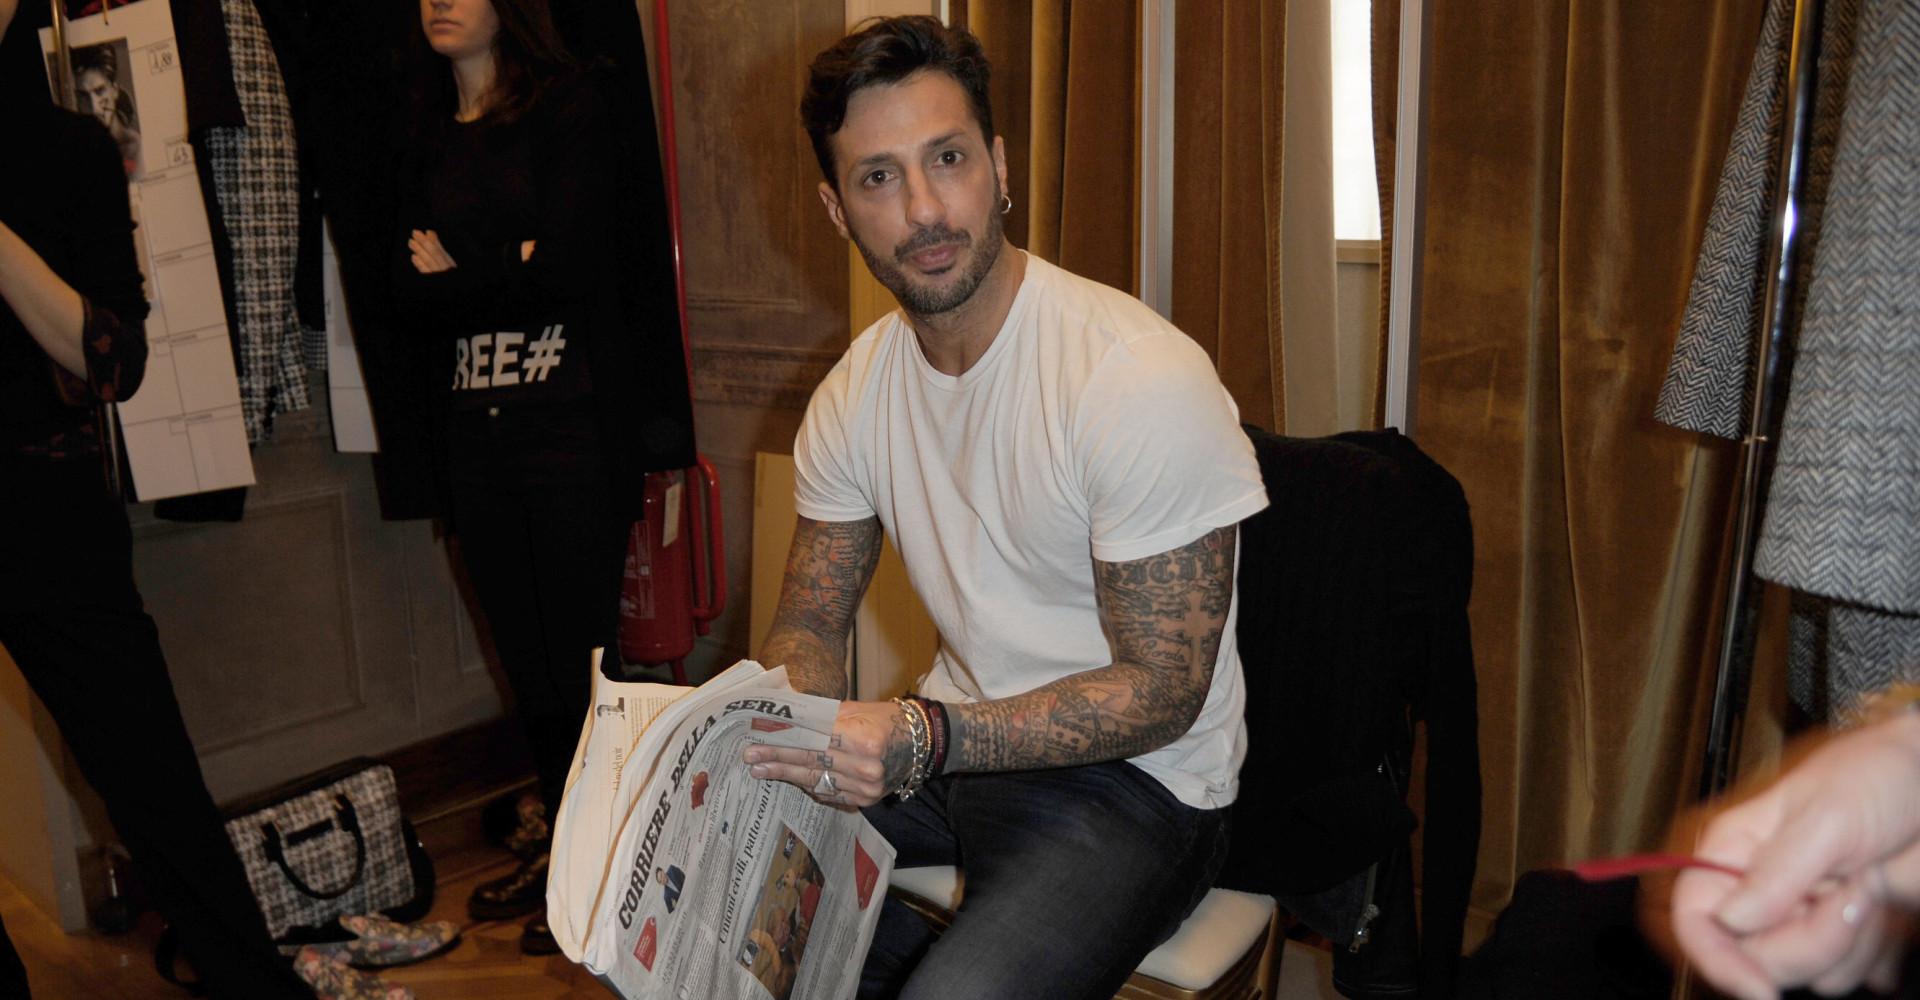 La strana rassegna stampa di Fabrizio Corona